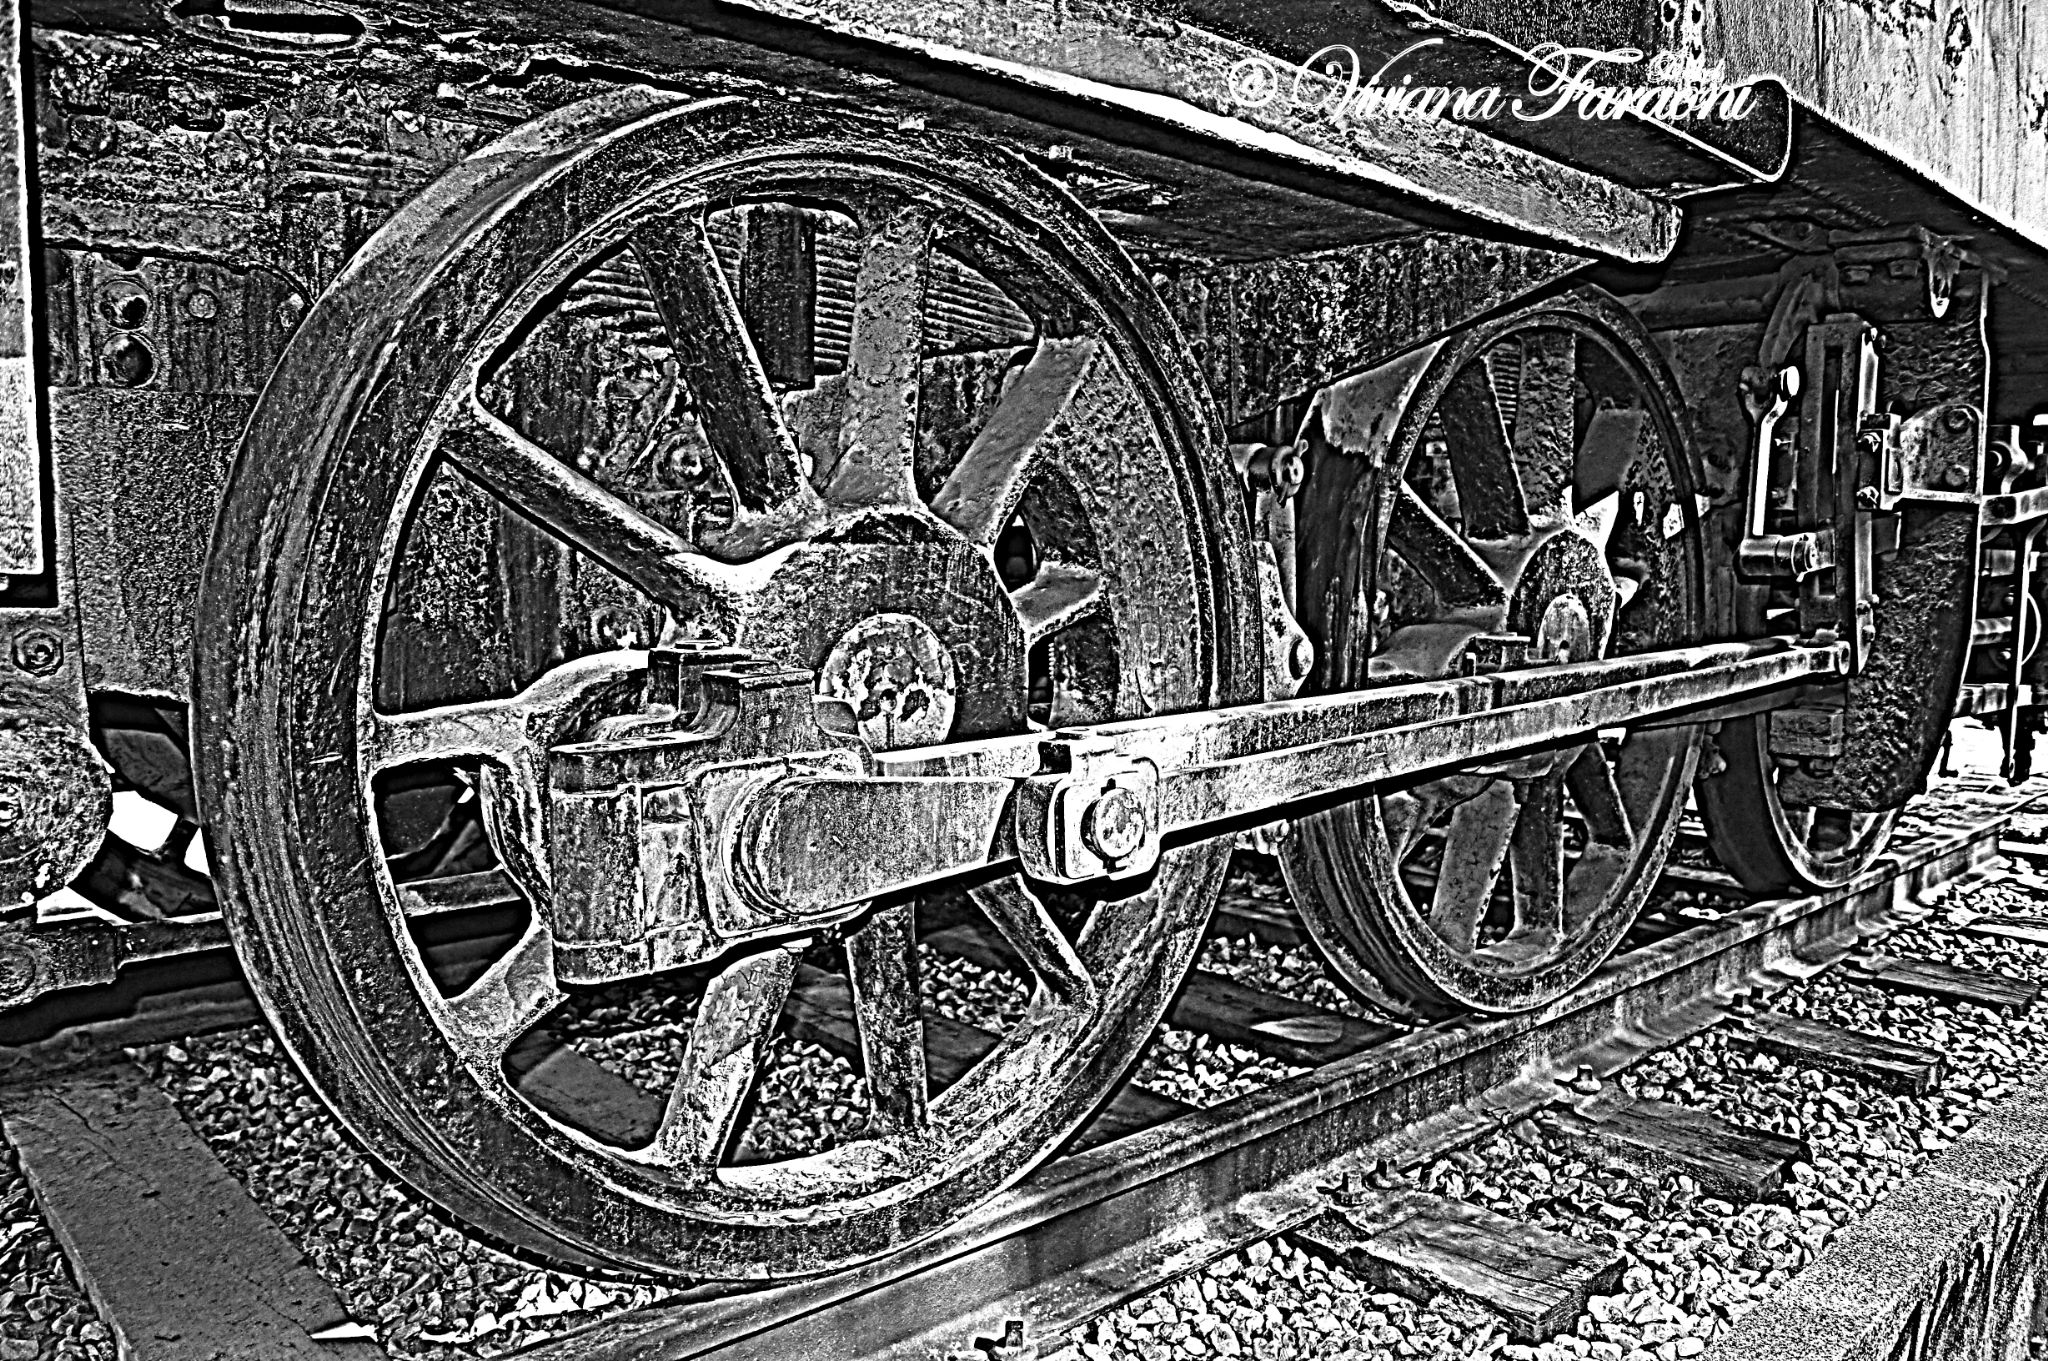 tren viejo 3 by vivianafaraoni